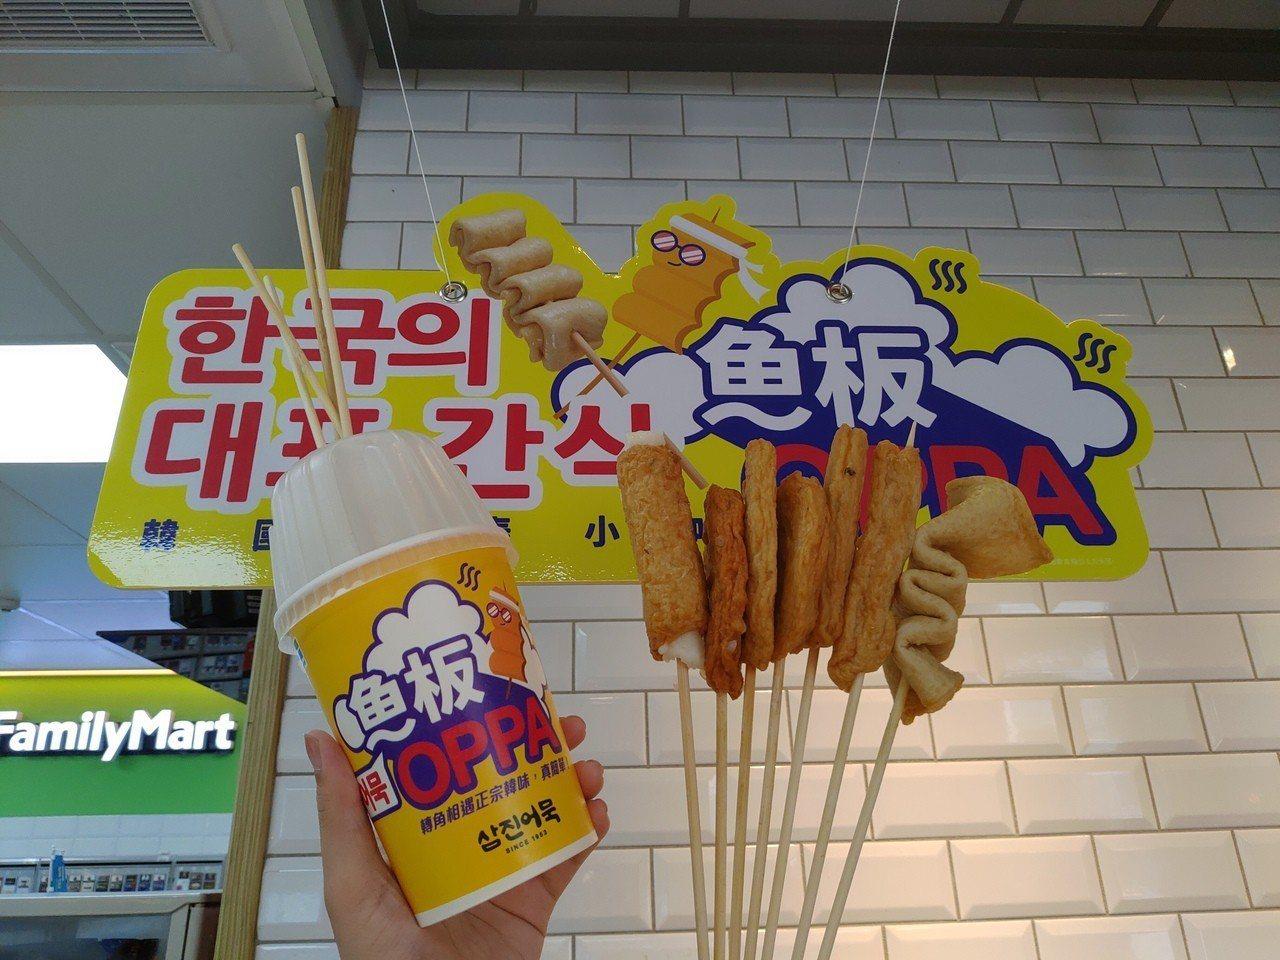 韓國街頭經典的魚板小吃,到全家便利商店就能享受,每串均一價29元,即日起至7月3...